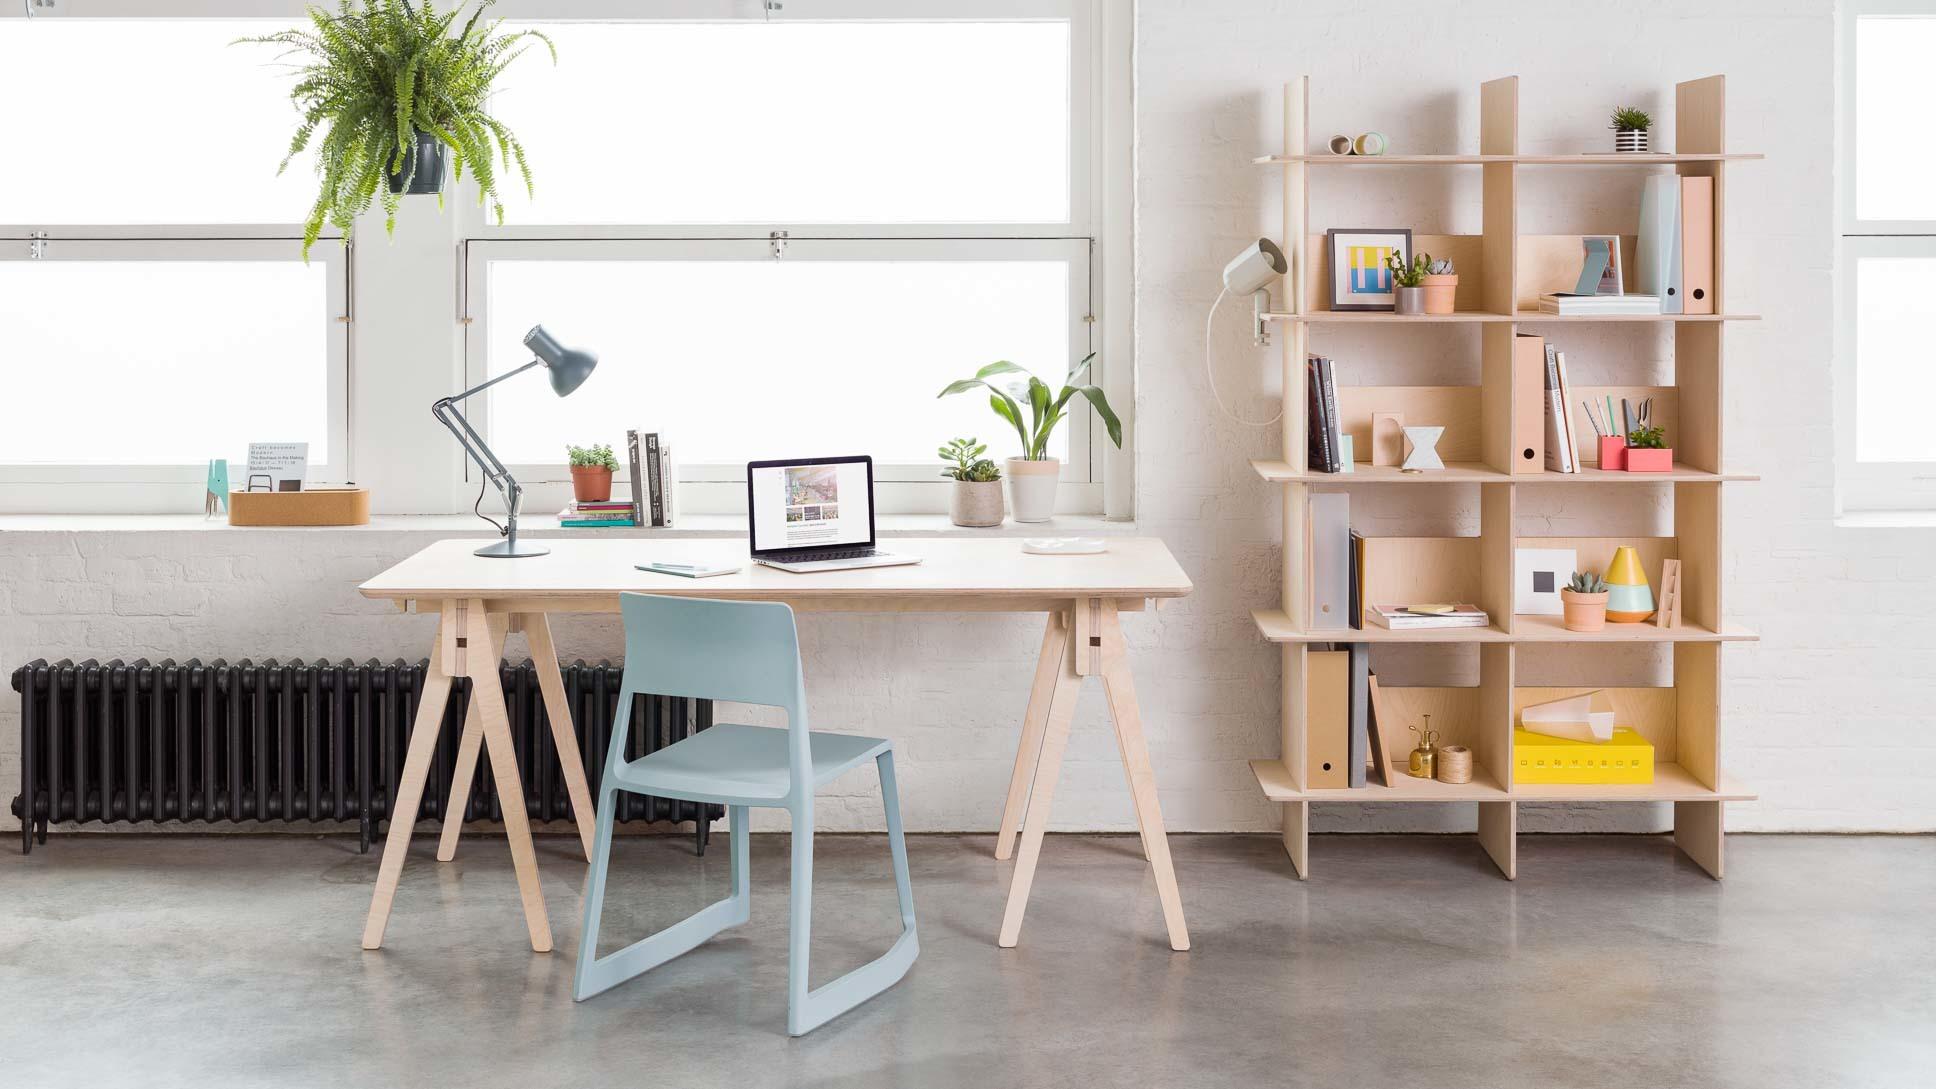 Bureau tréteau pour les espaces modulaires idéal coworking